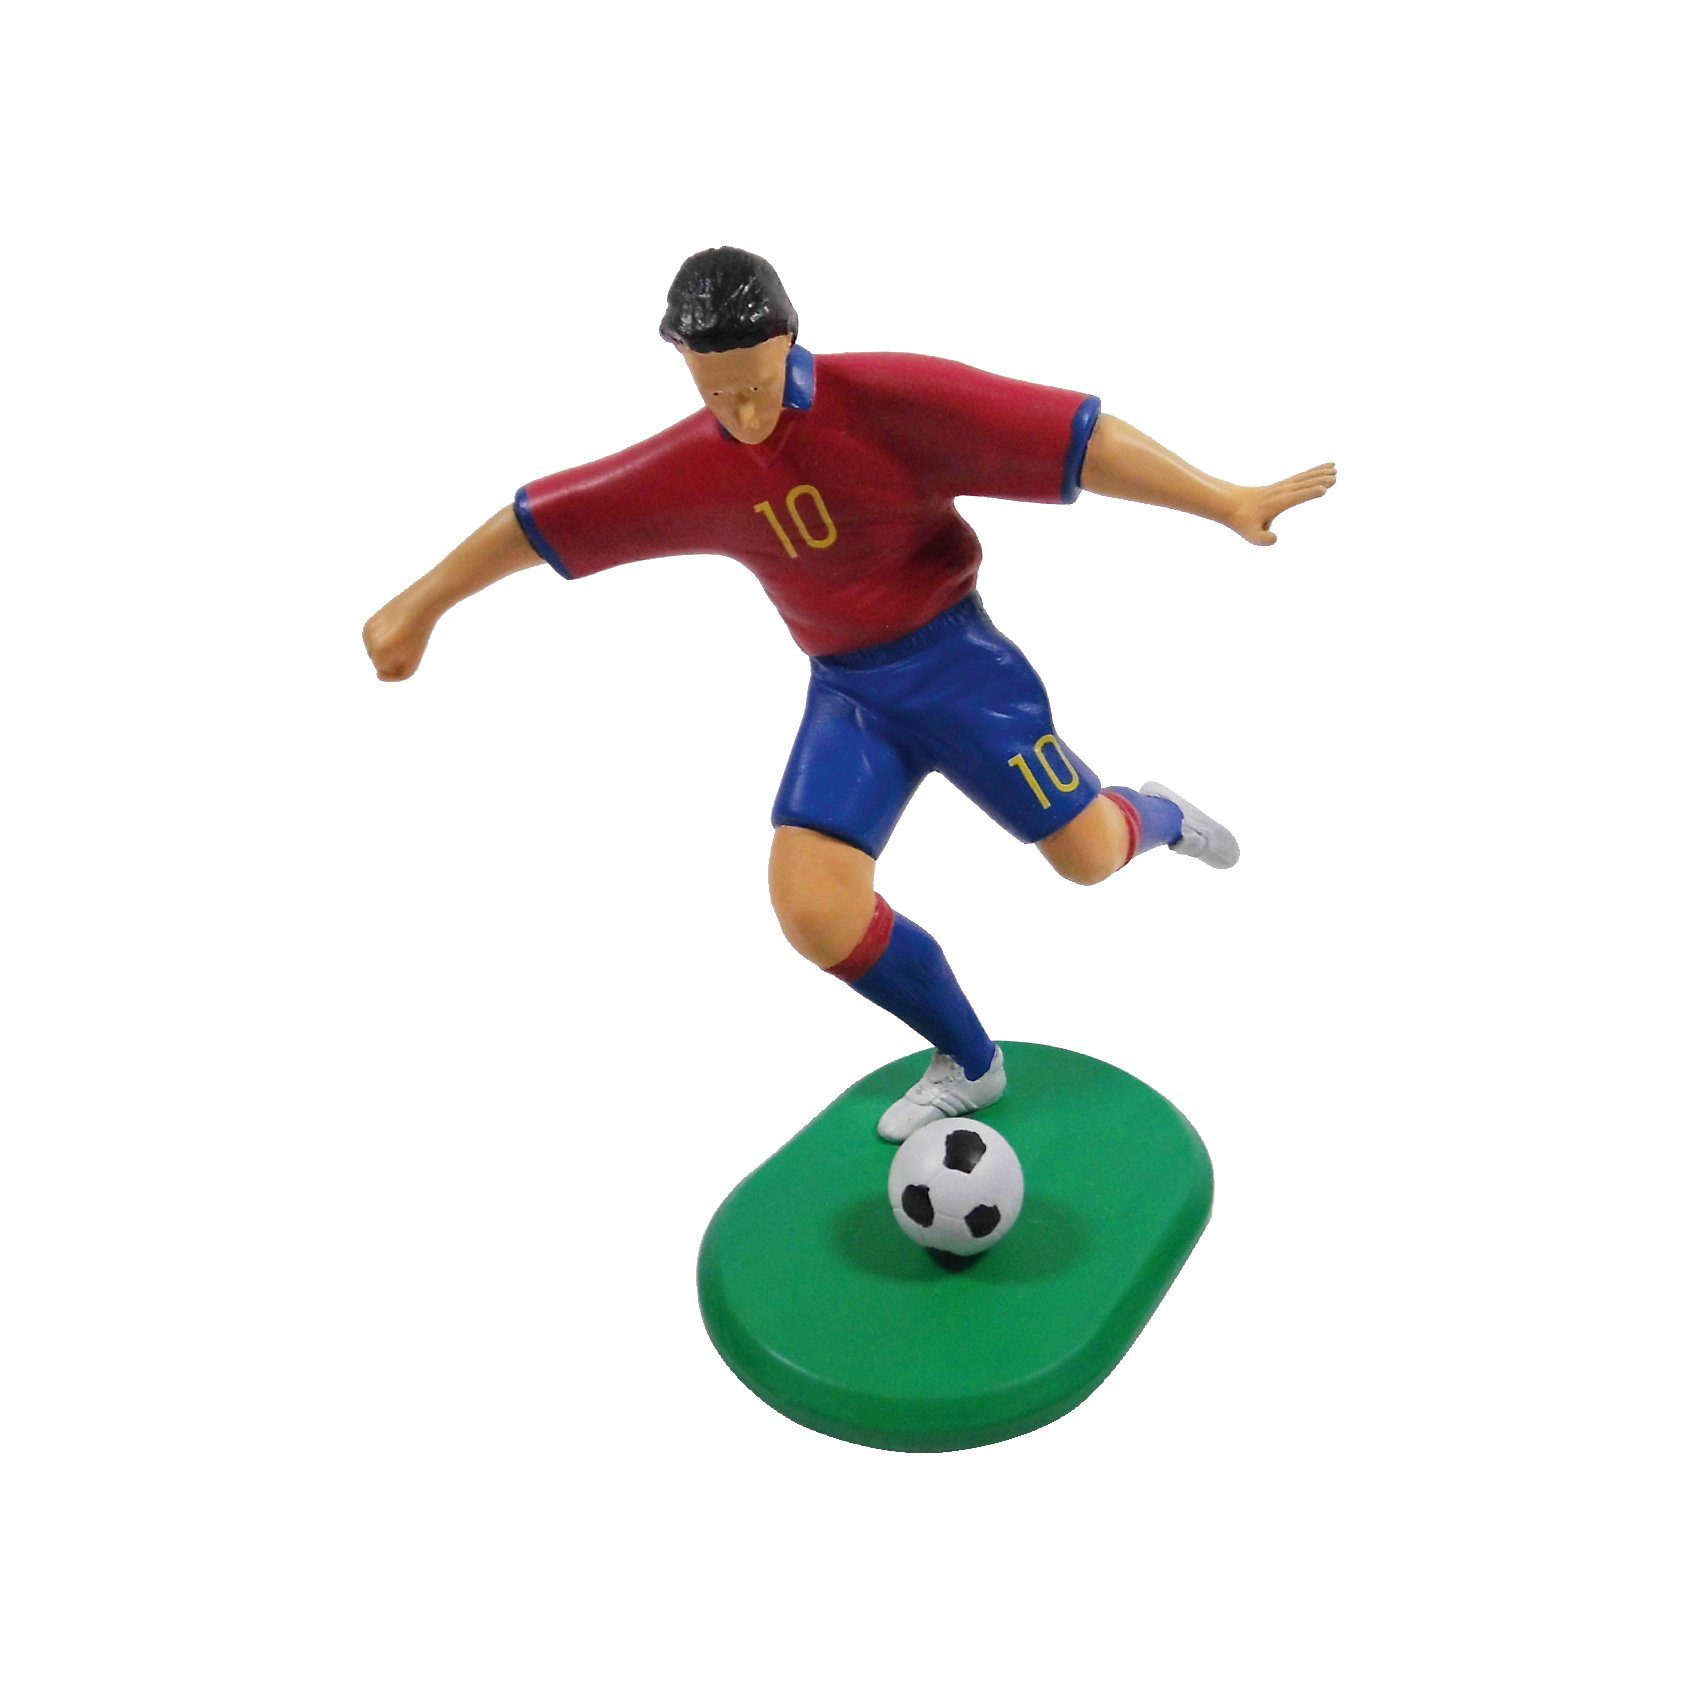 Glow2B Fußballspieler Spanien 2016 - Modellbausatz mit Farben